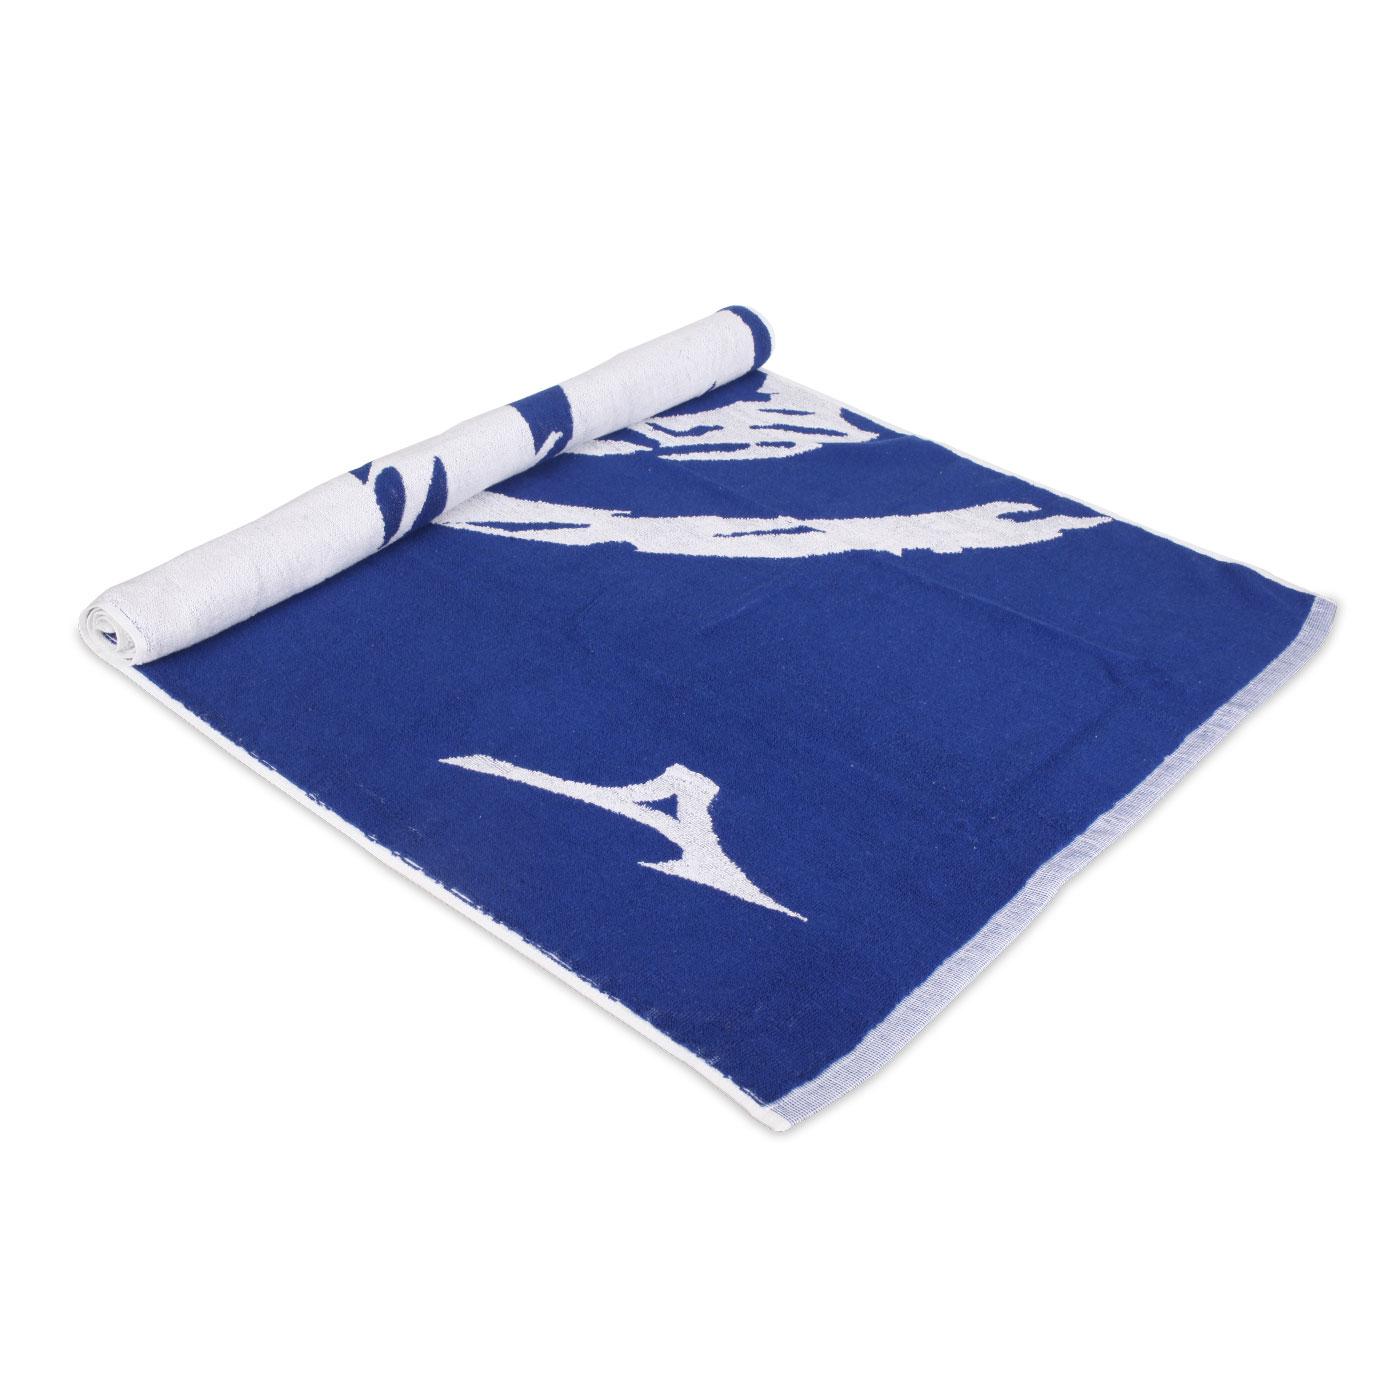 MIZUNO 緹花運動大浴巾 32TY050327 - 藍白